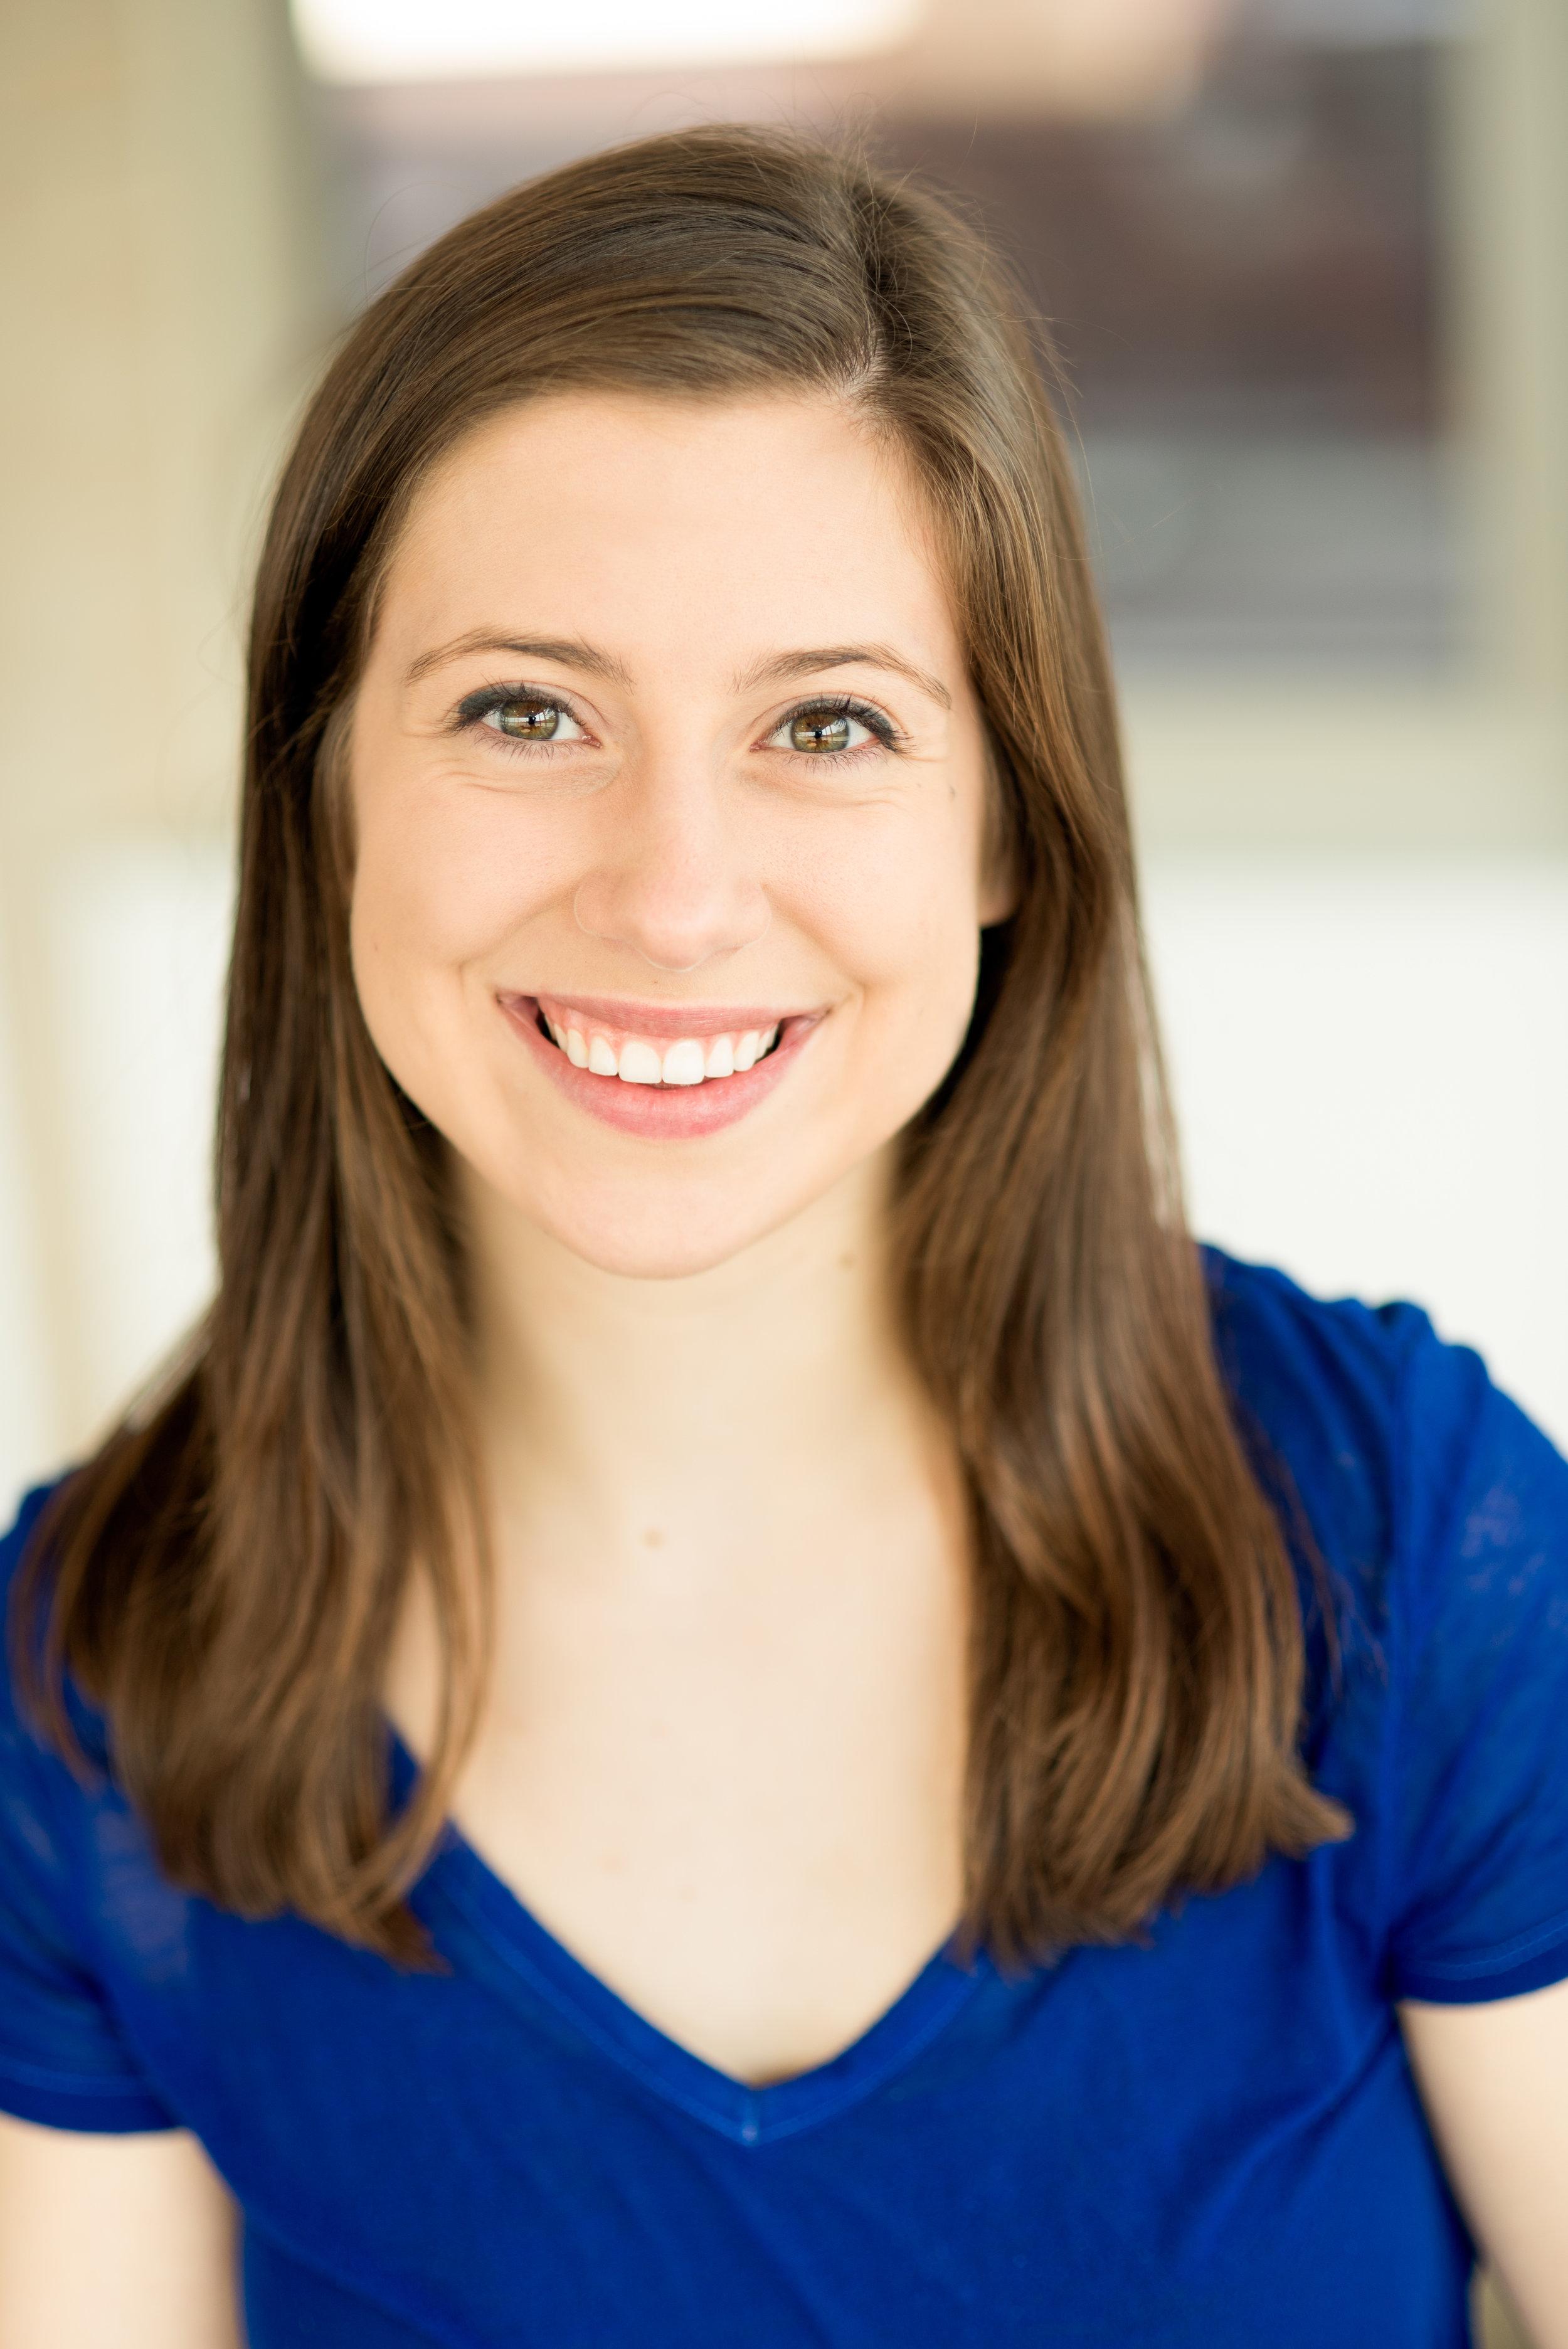 Paige Heidrich